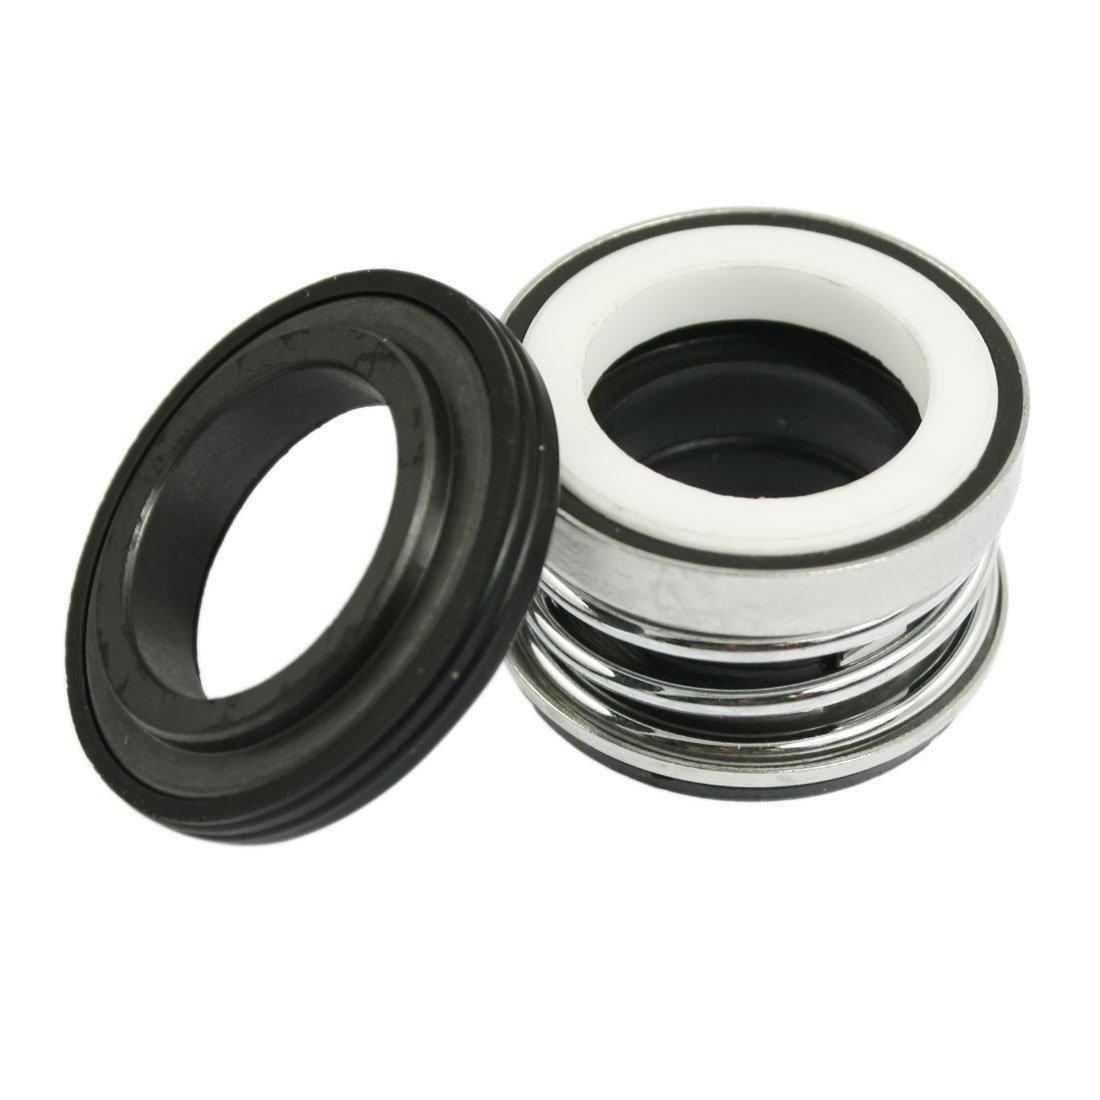 2 piezas 20 mm pastillas de Bobinado Simple mecá nica de muelle sello de recambio para bomba de agua Sourcingmap a12040600ux0456